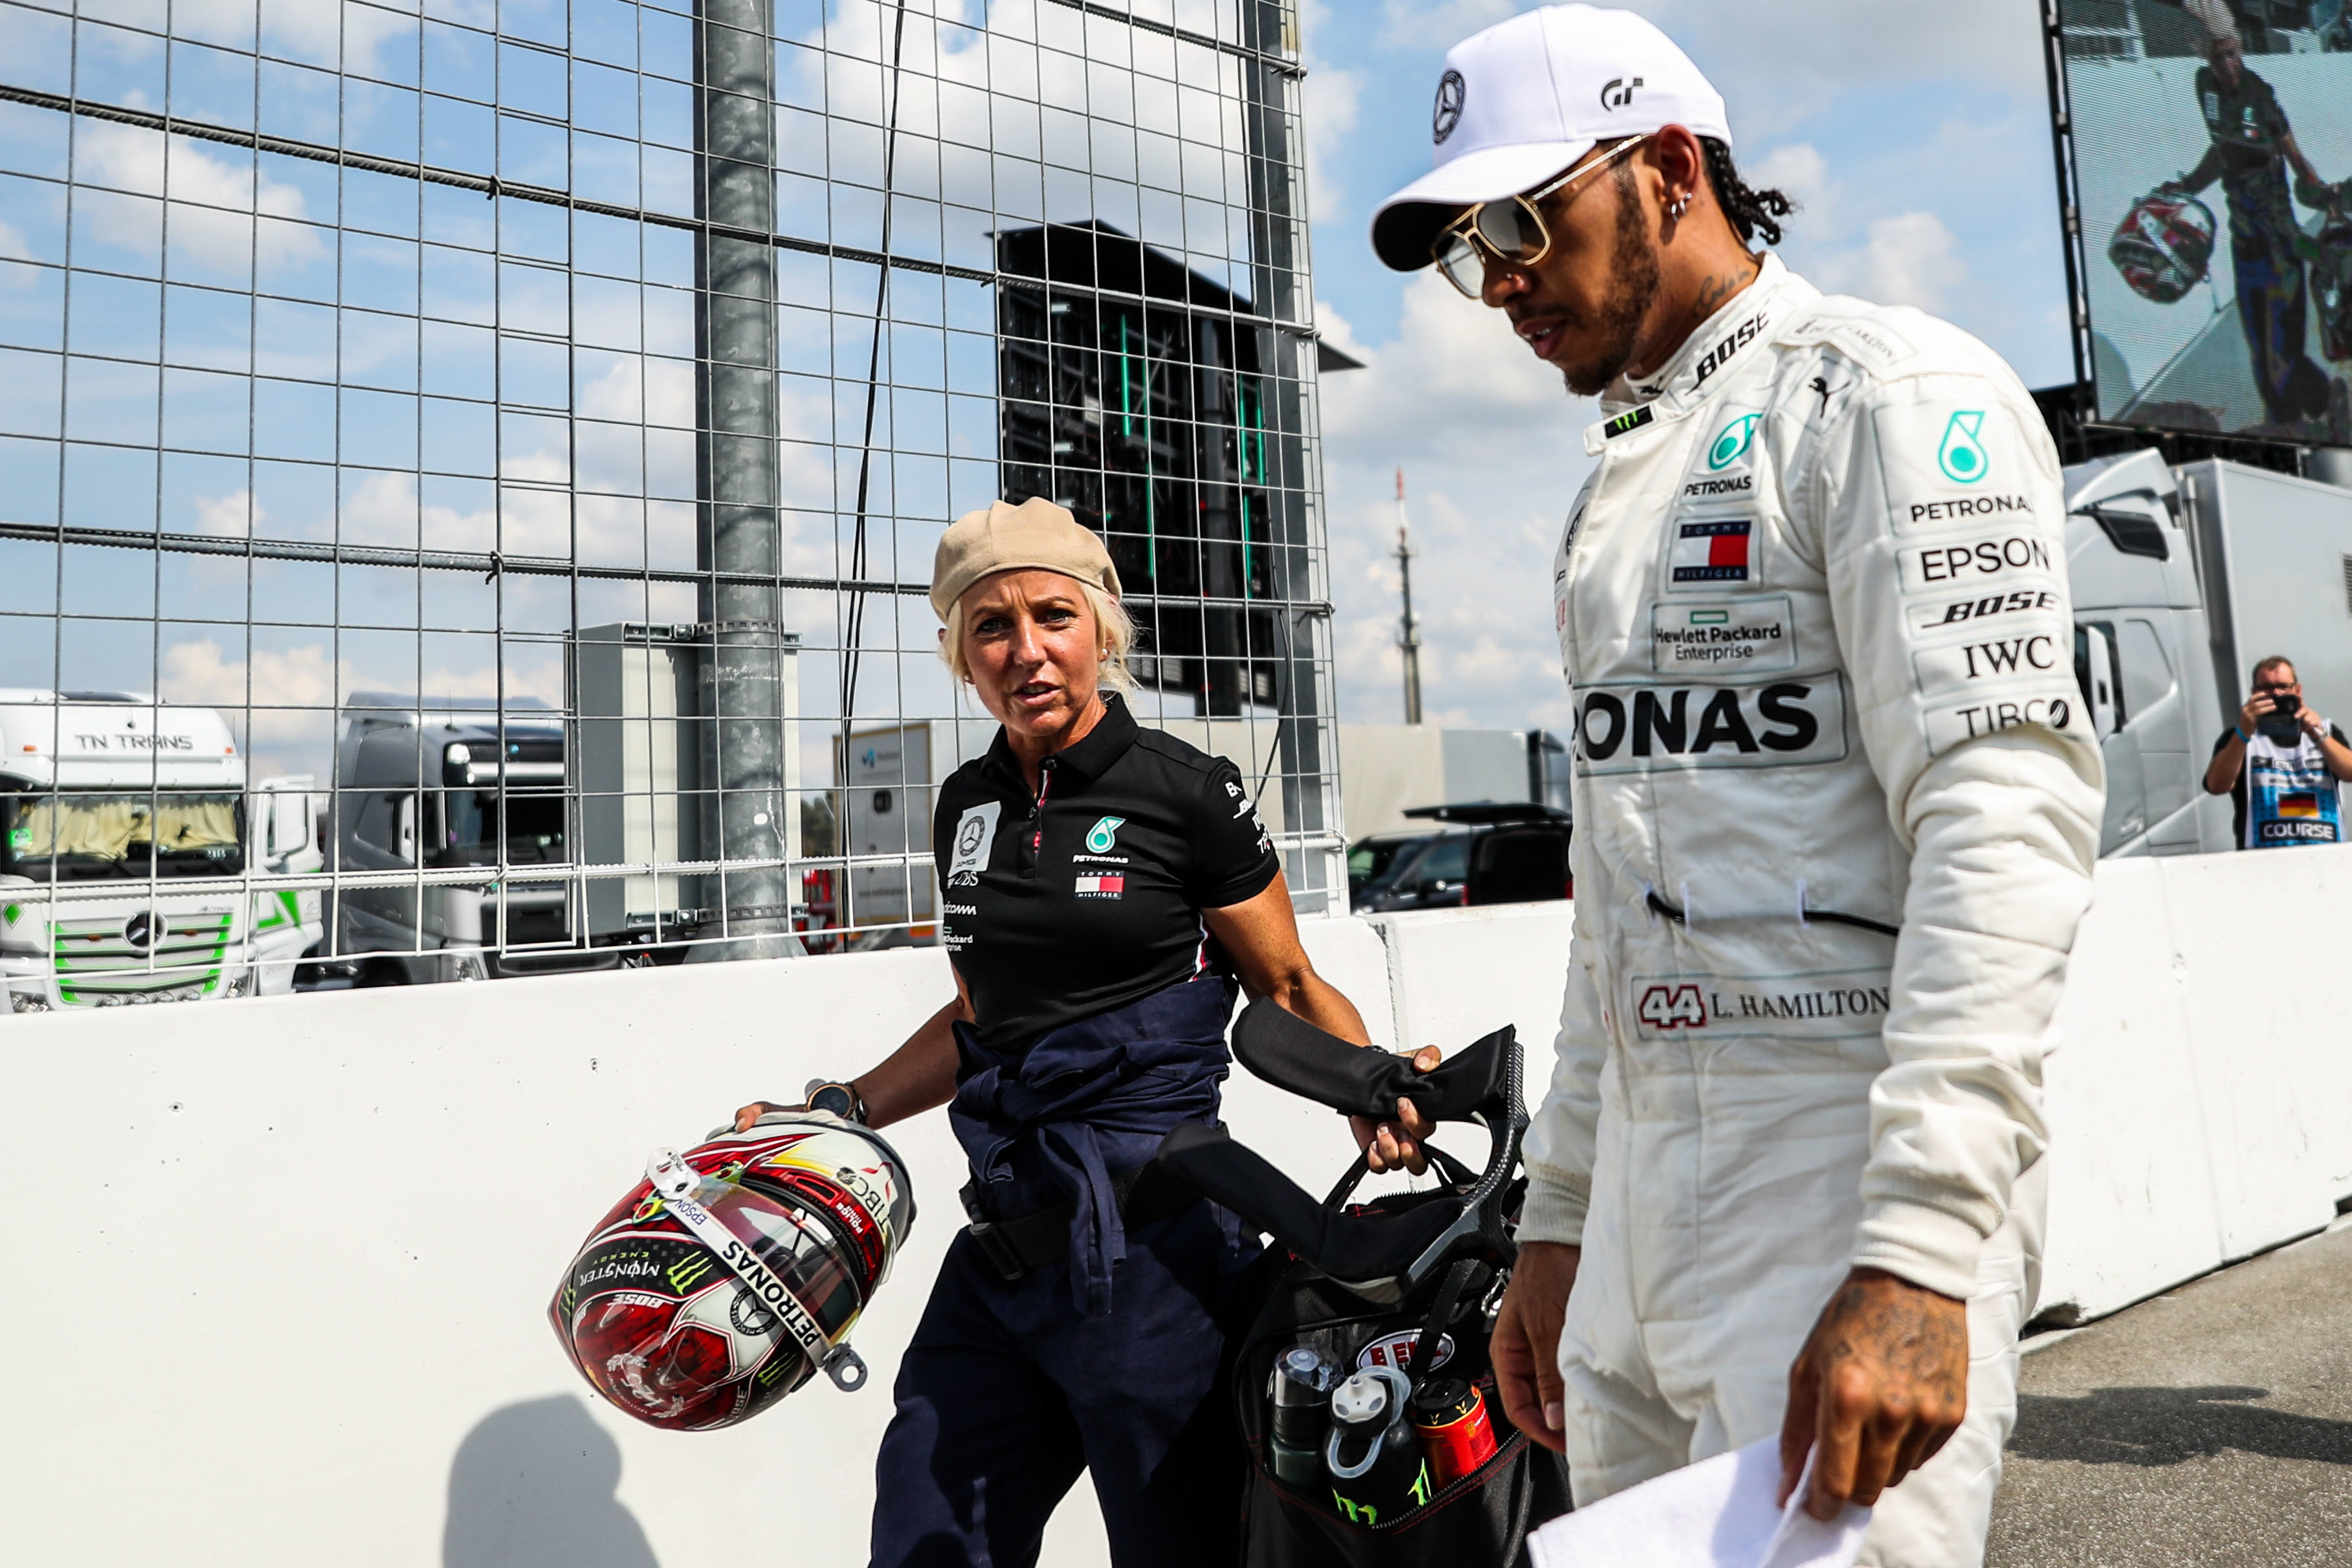 Quand on parle de sport automobile, on pense à des hommes. Pourtant, il s'agit d'un sport mixte. Rien n'empêche les femmes de rouler en Formule 1 (F1).